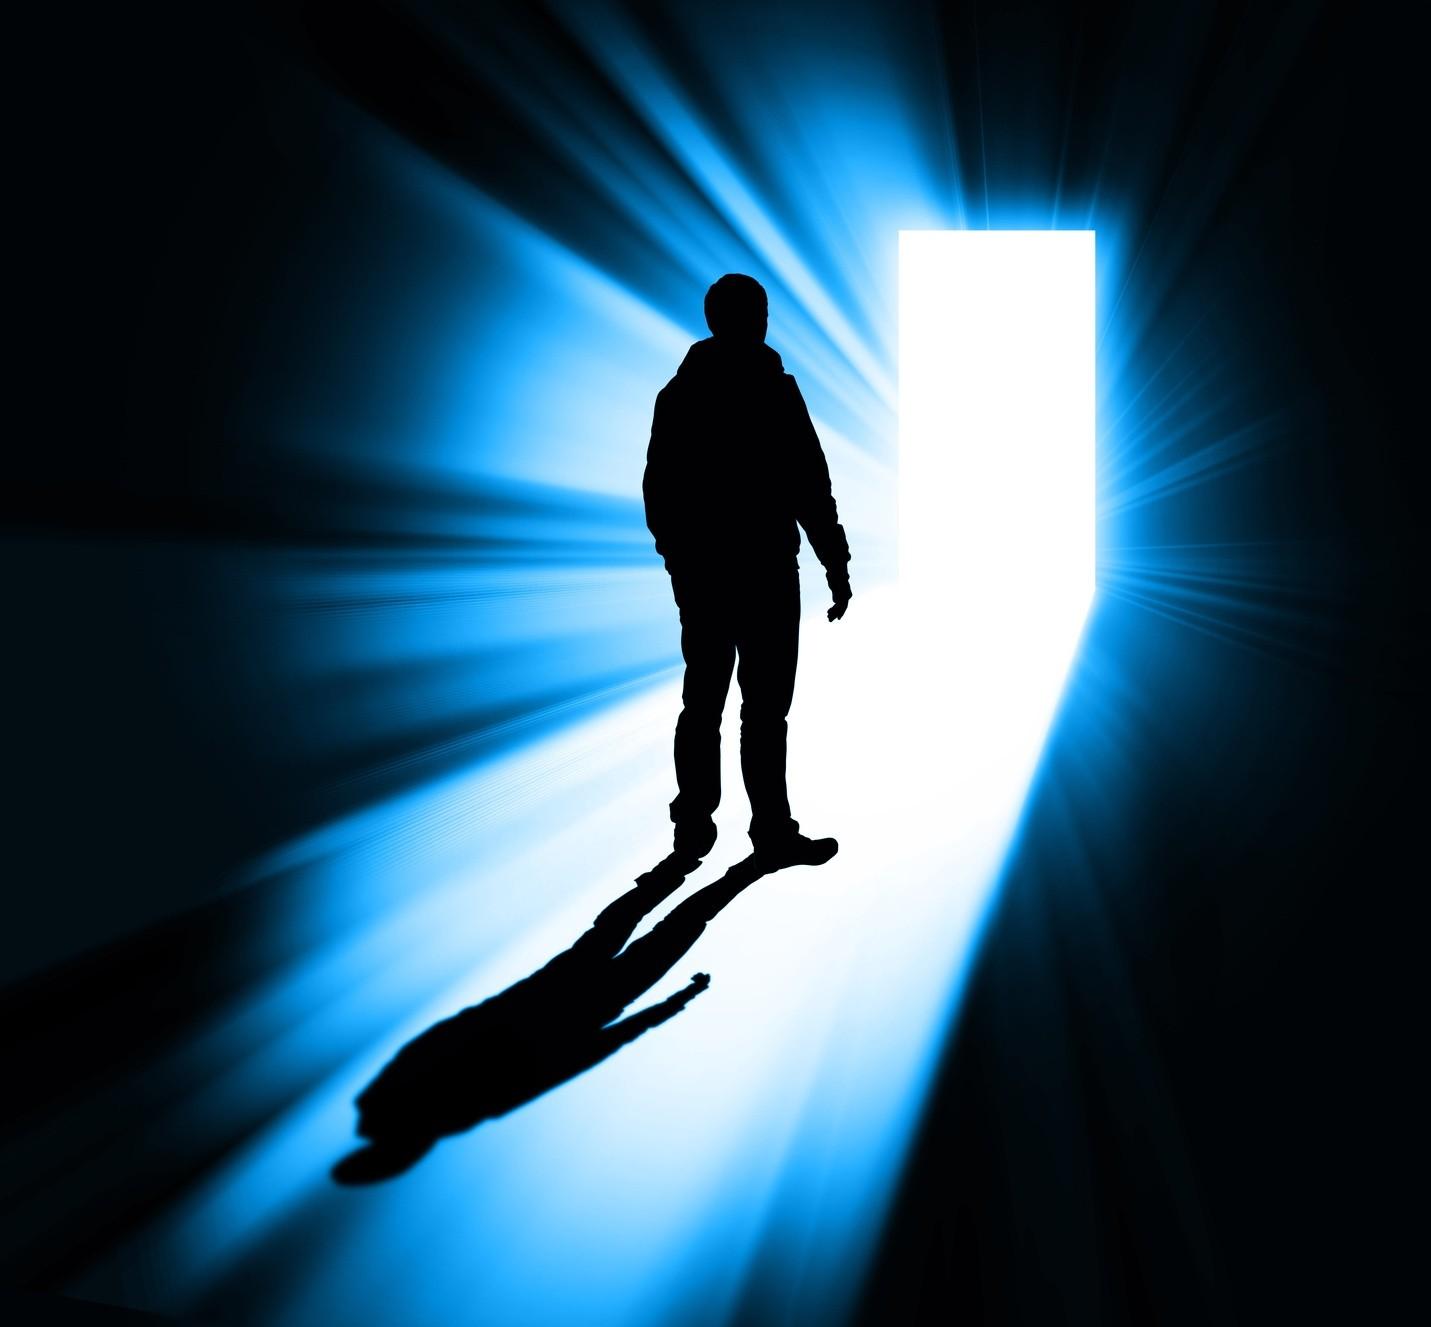 Ученый: После смерти человек попадает впараллельный мир ивоскресает